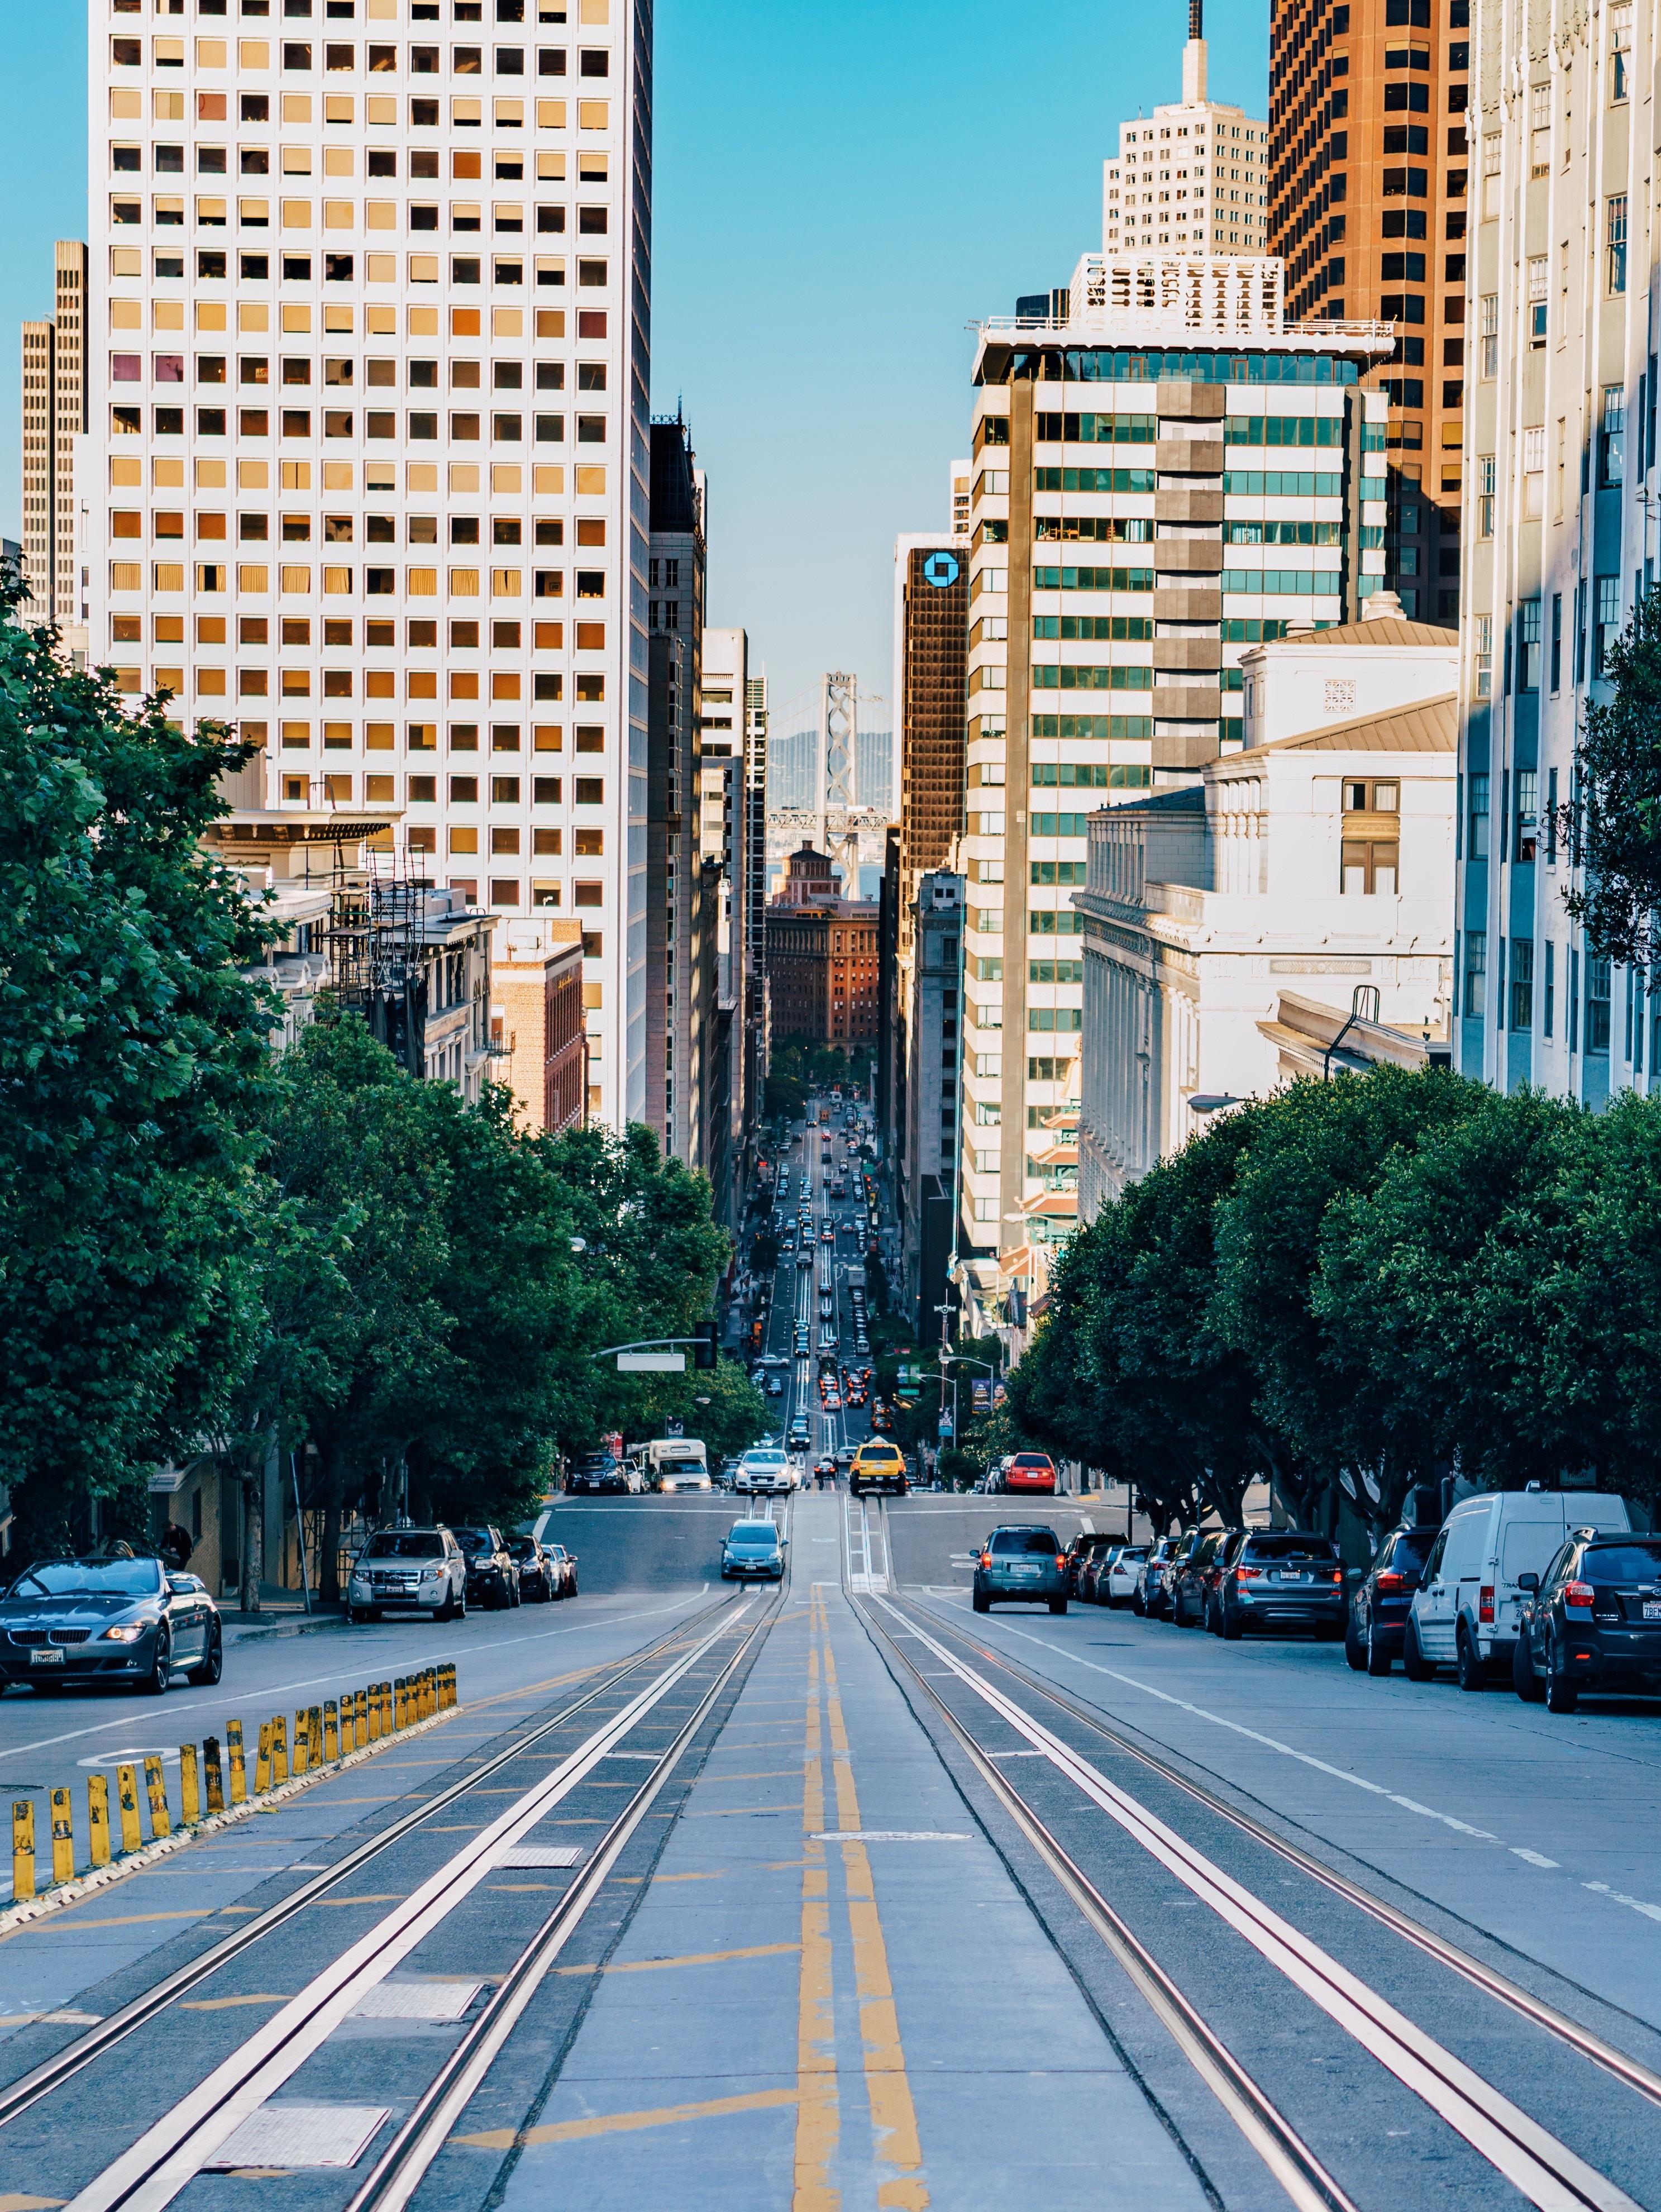 85230 скачать обои Архитектура, Сан-Франциско, Города, Движение, Сша, Улица, Городской - заставки и картинки бесплатно